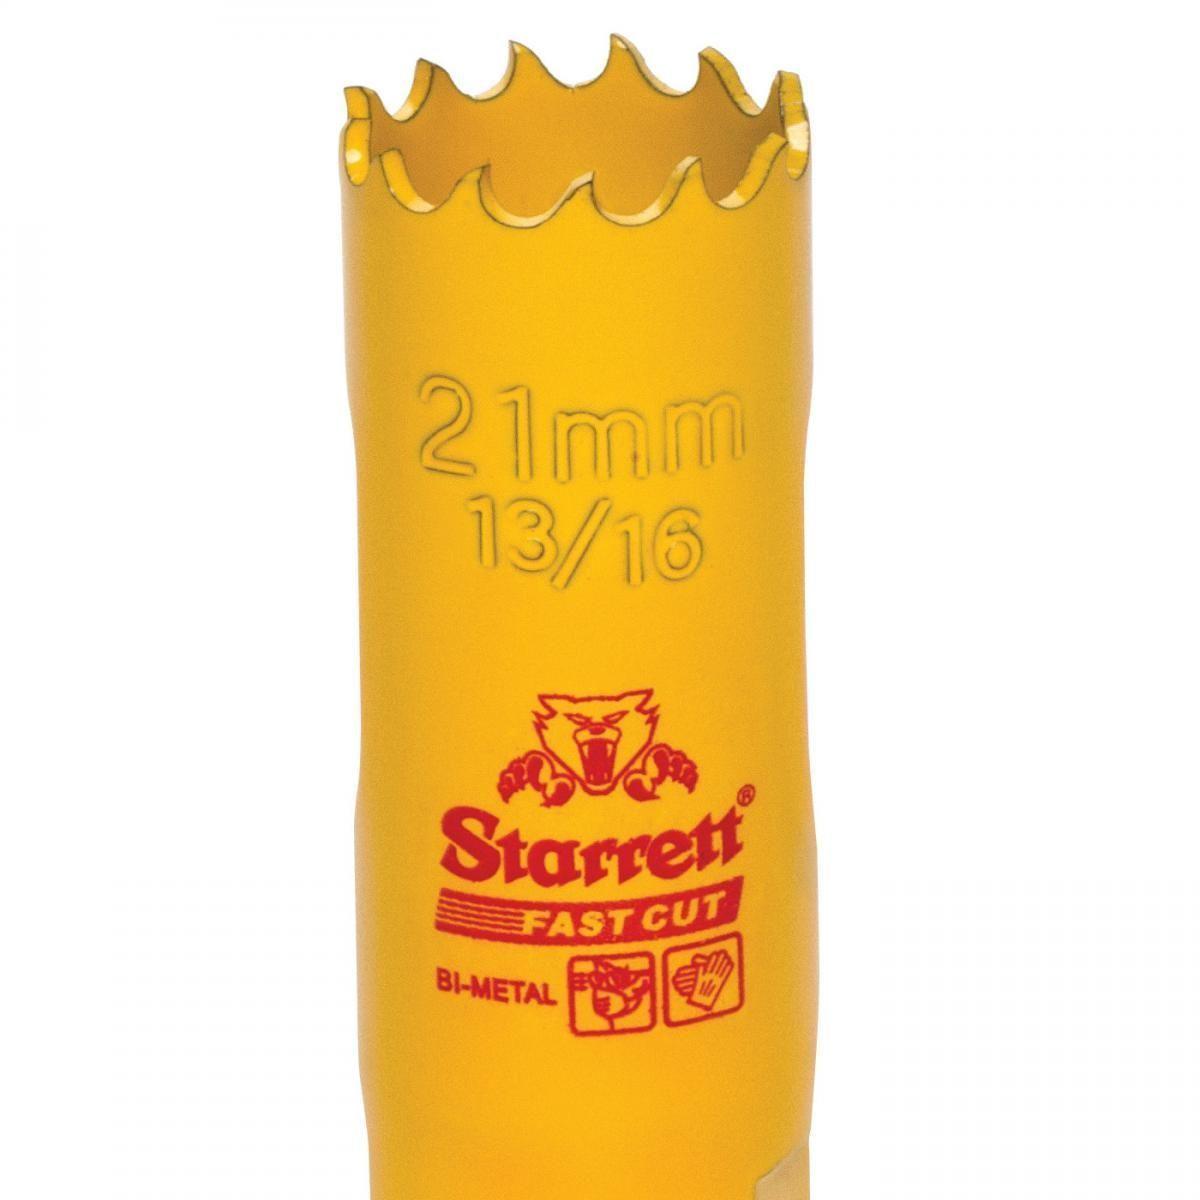 Serra Copo Fast Cut 13/16'' (21mm) - FCH1036-G Starrett